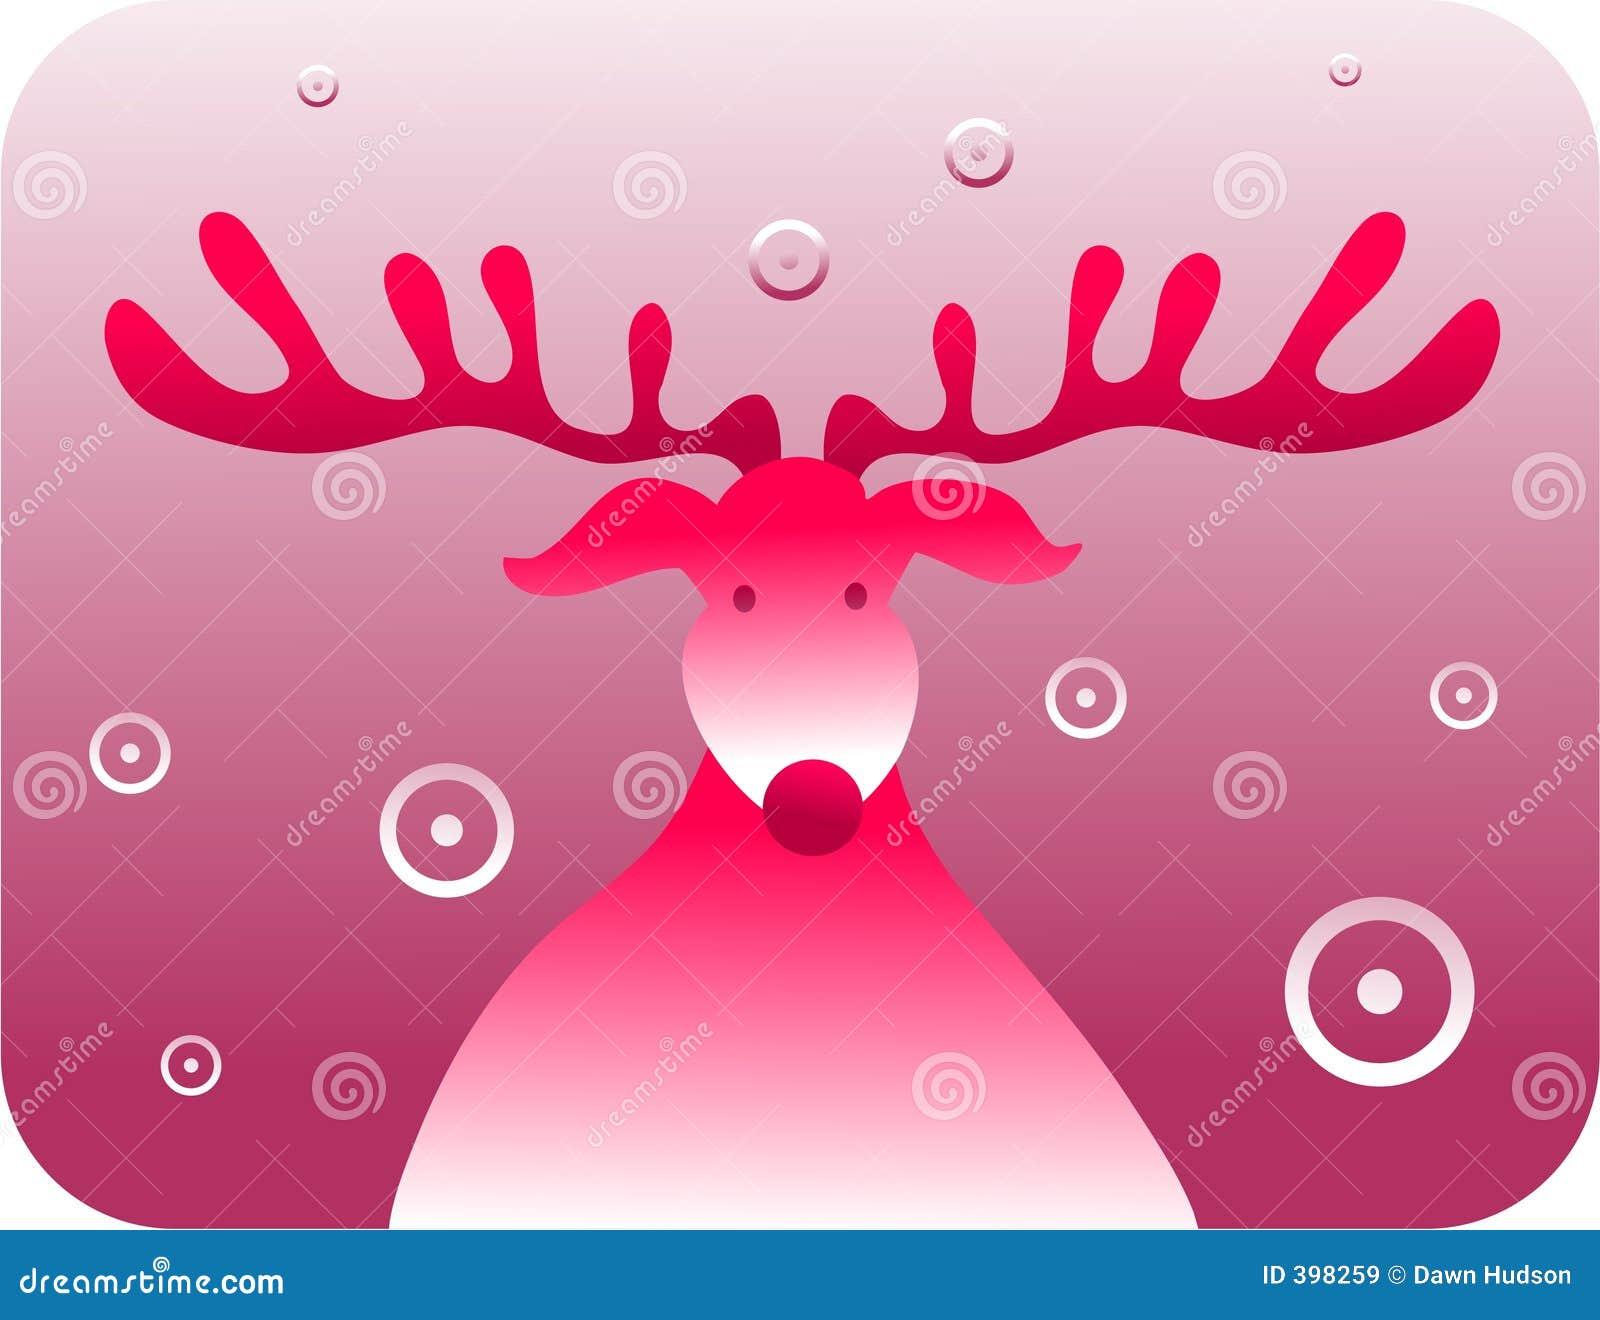 Rudolf retro